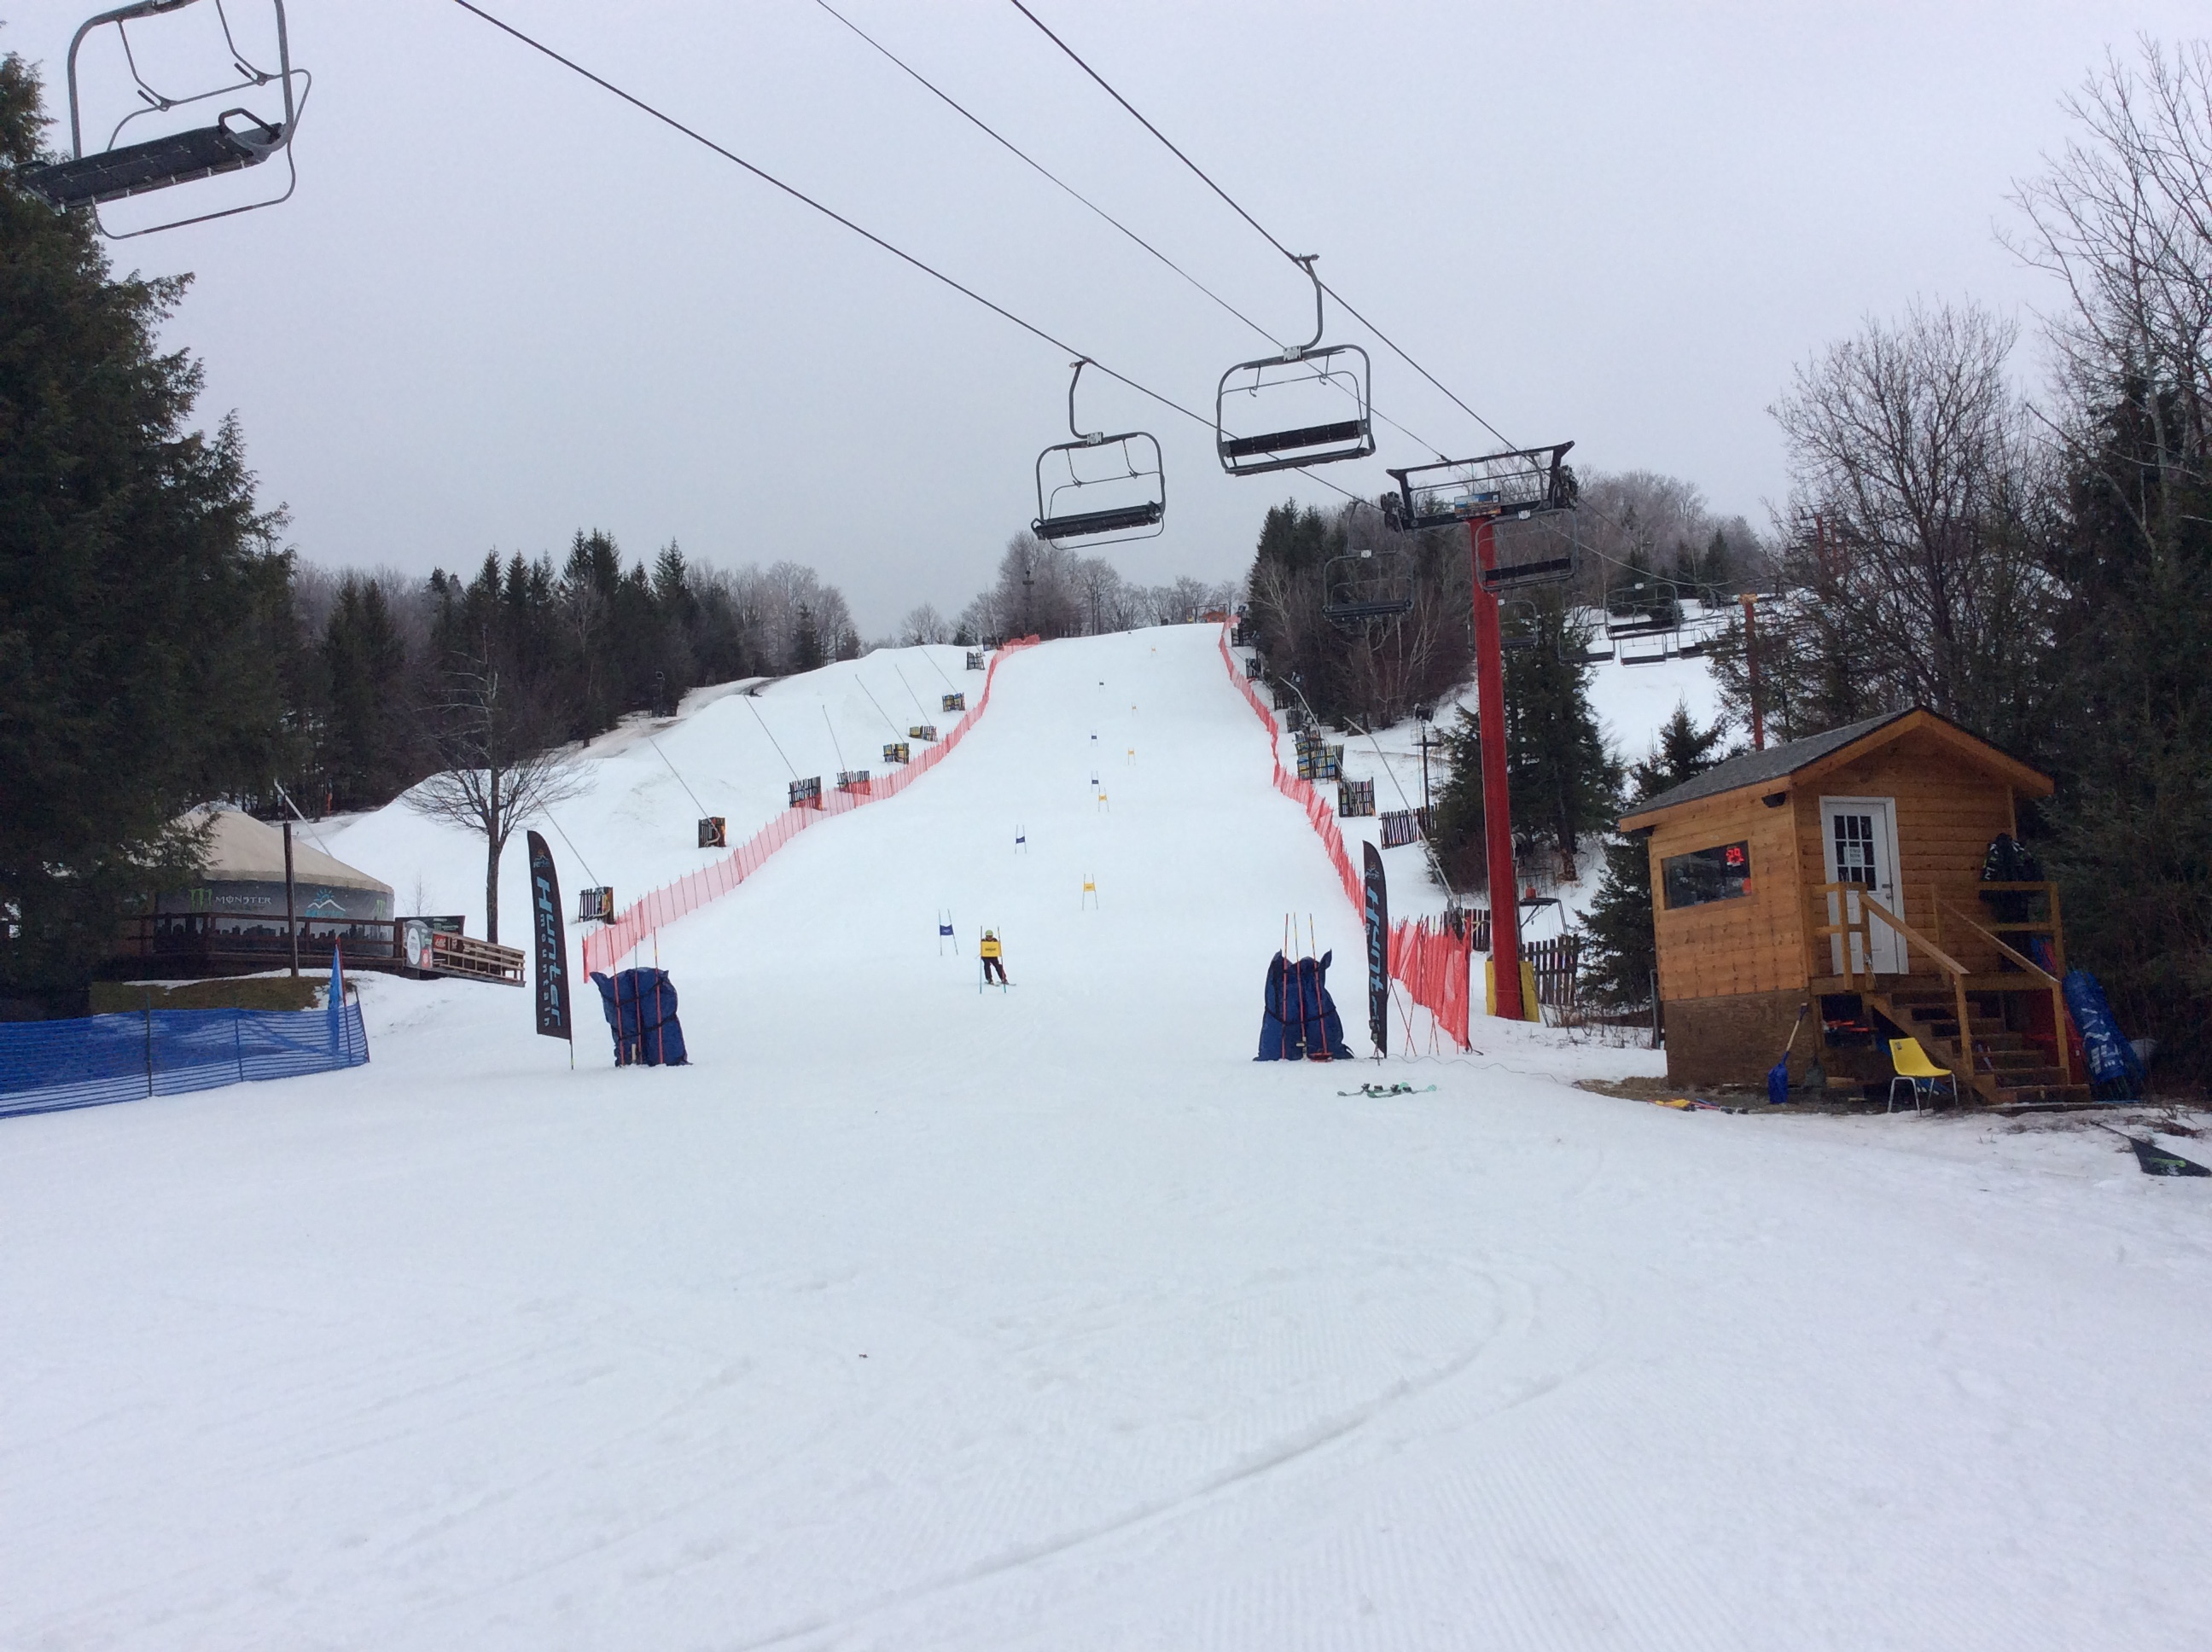 nypd-ski-club_31585167513_o